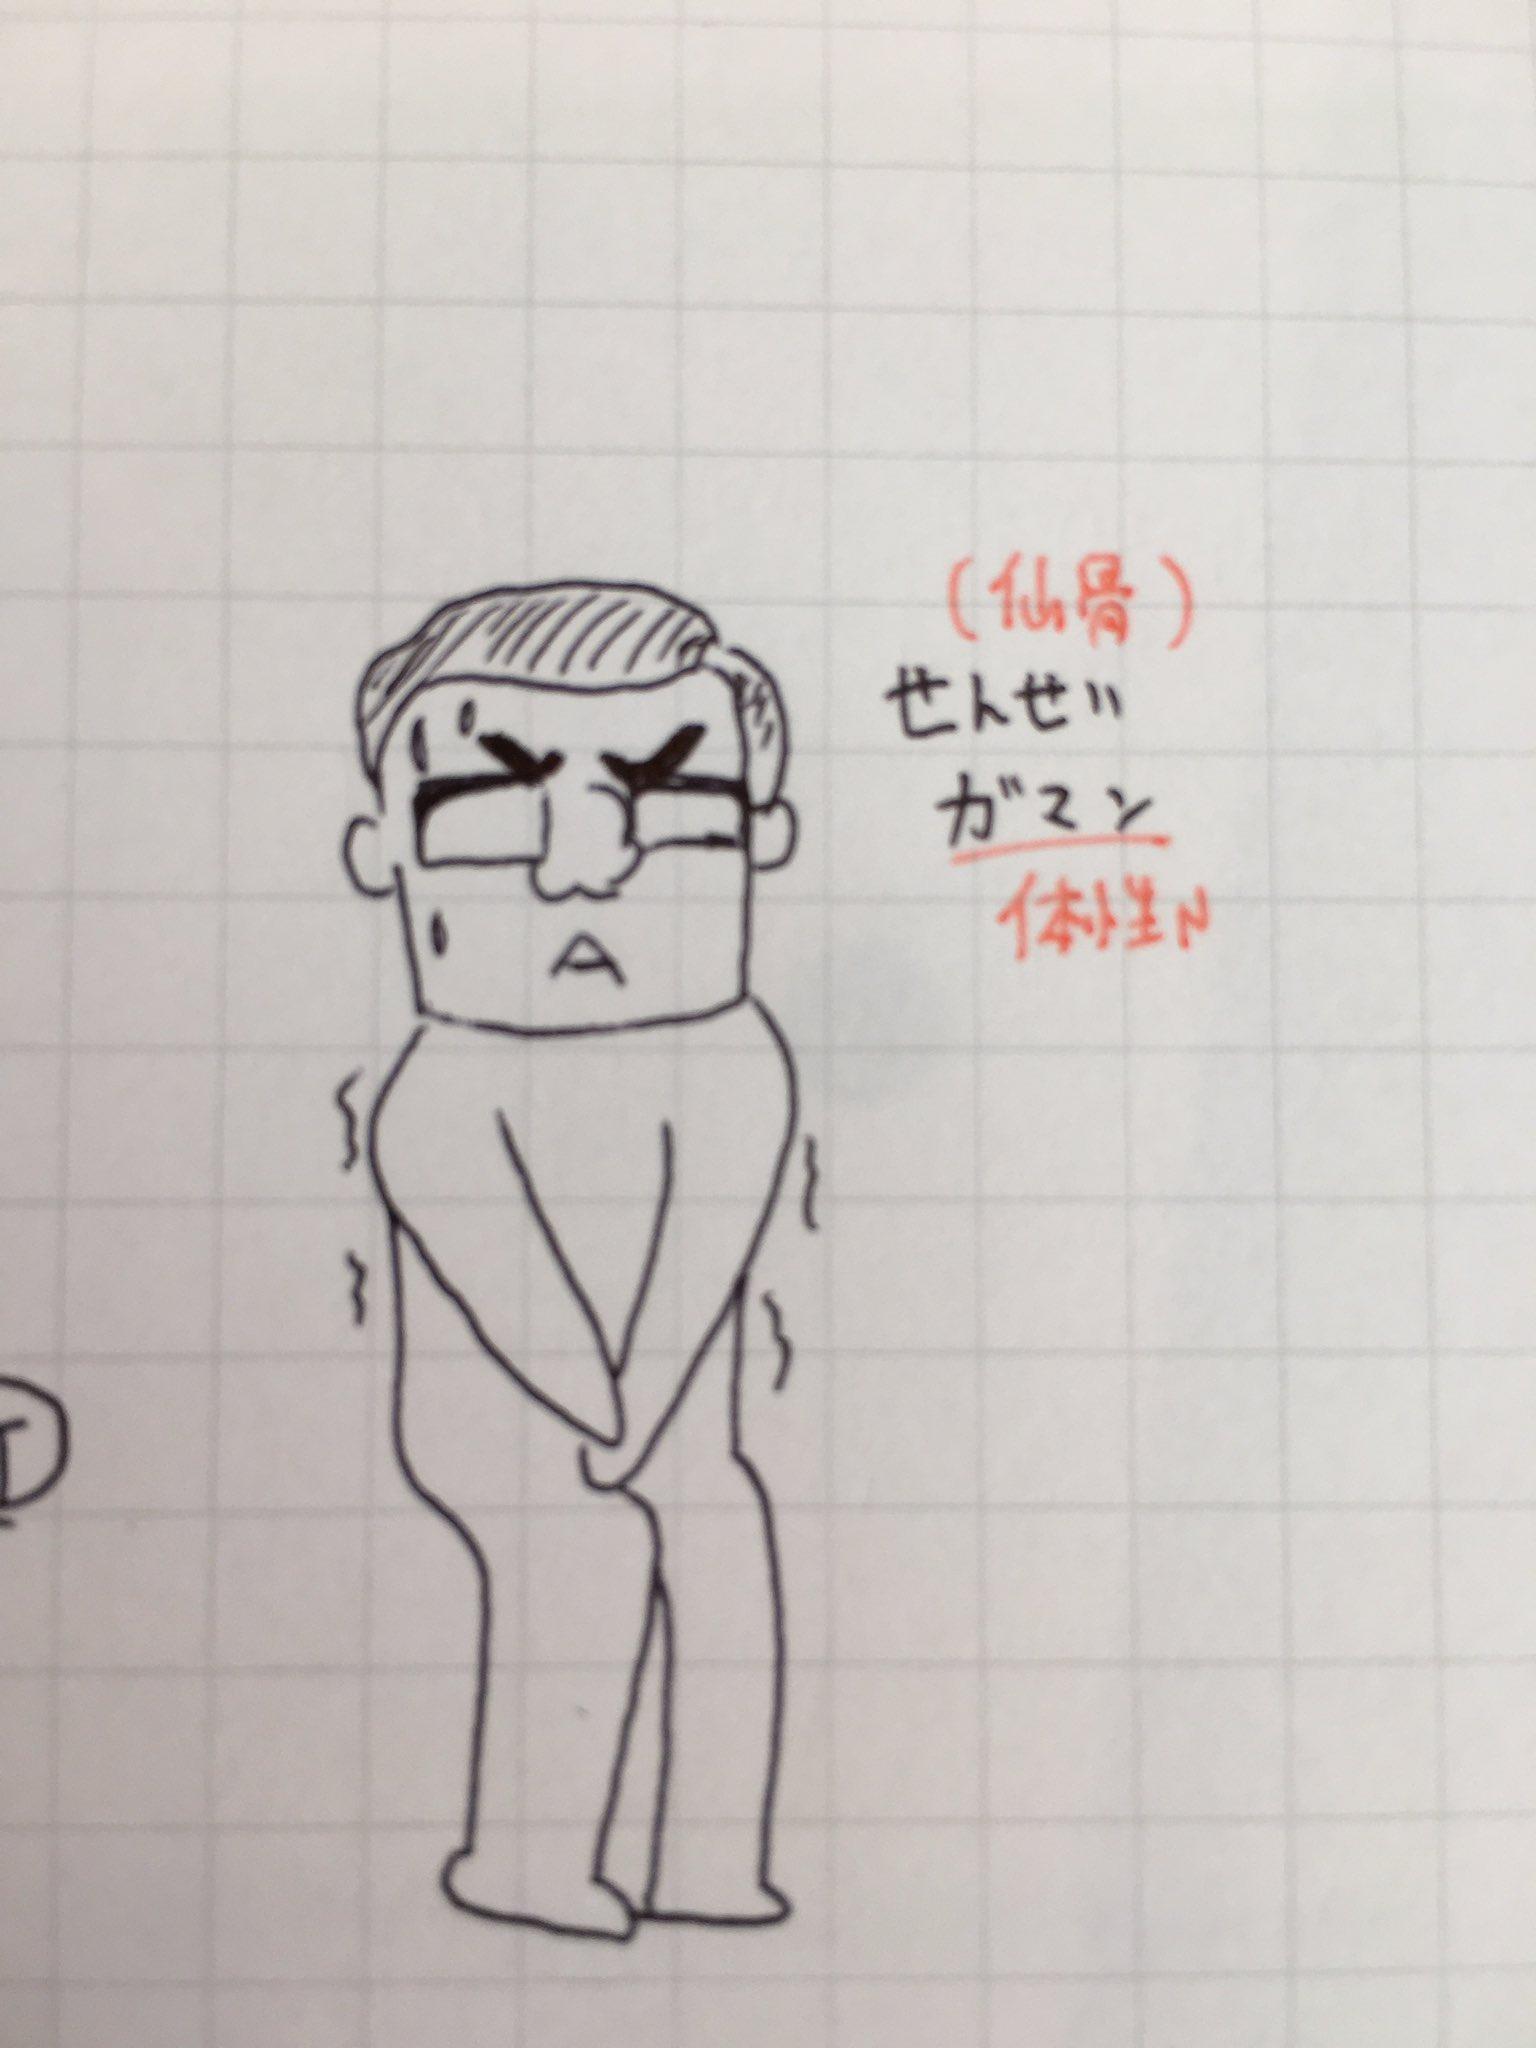 叢 仙骨 神経